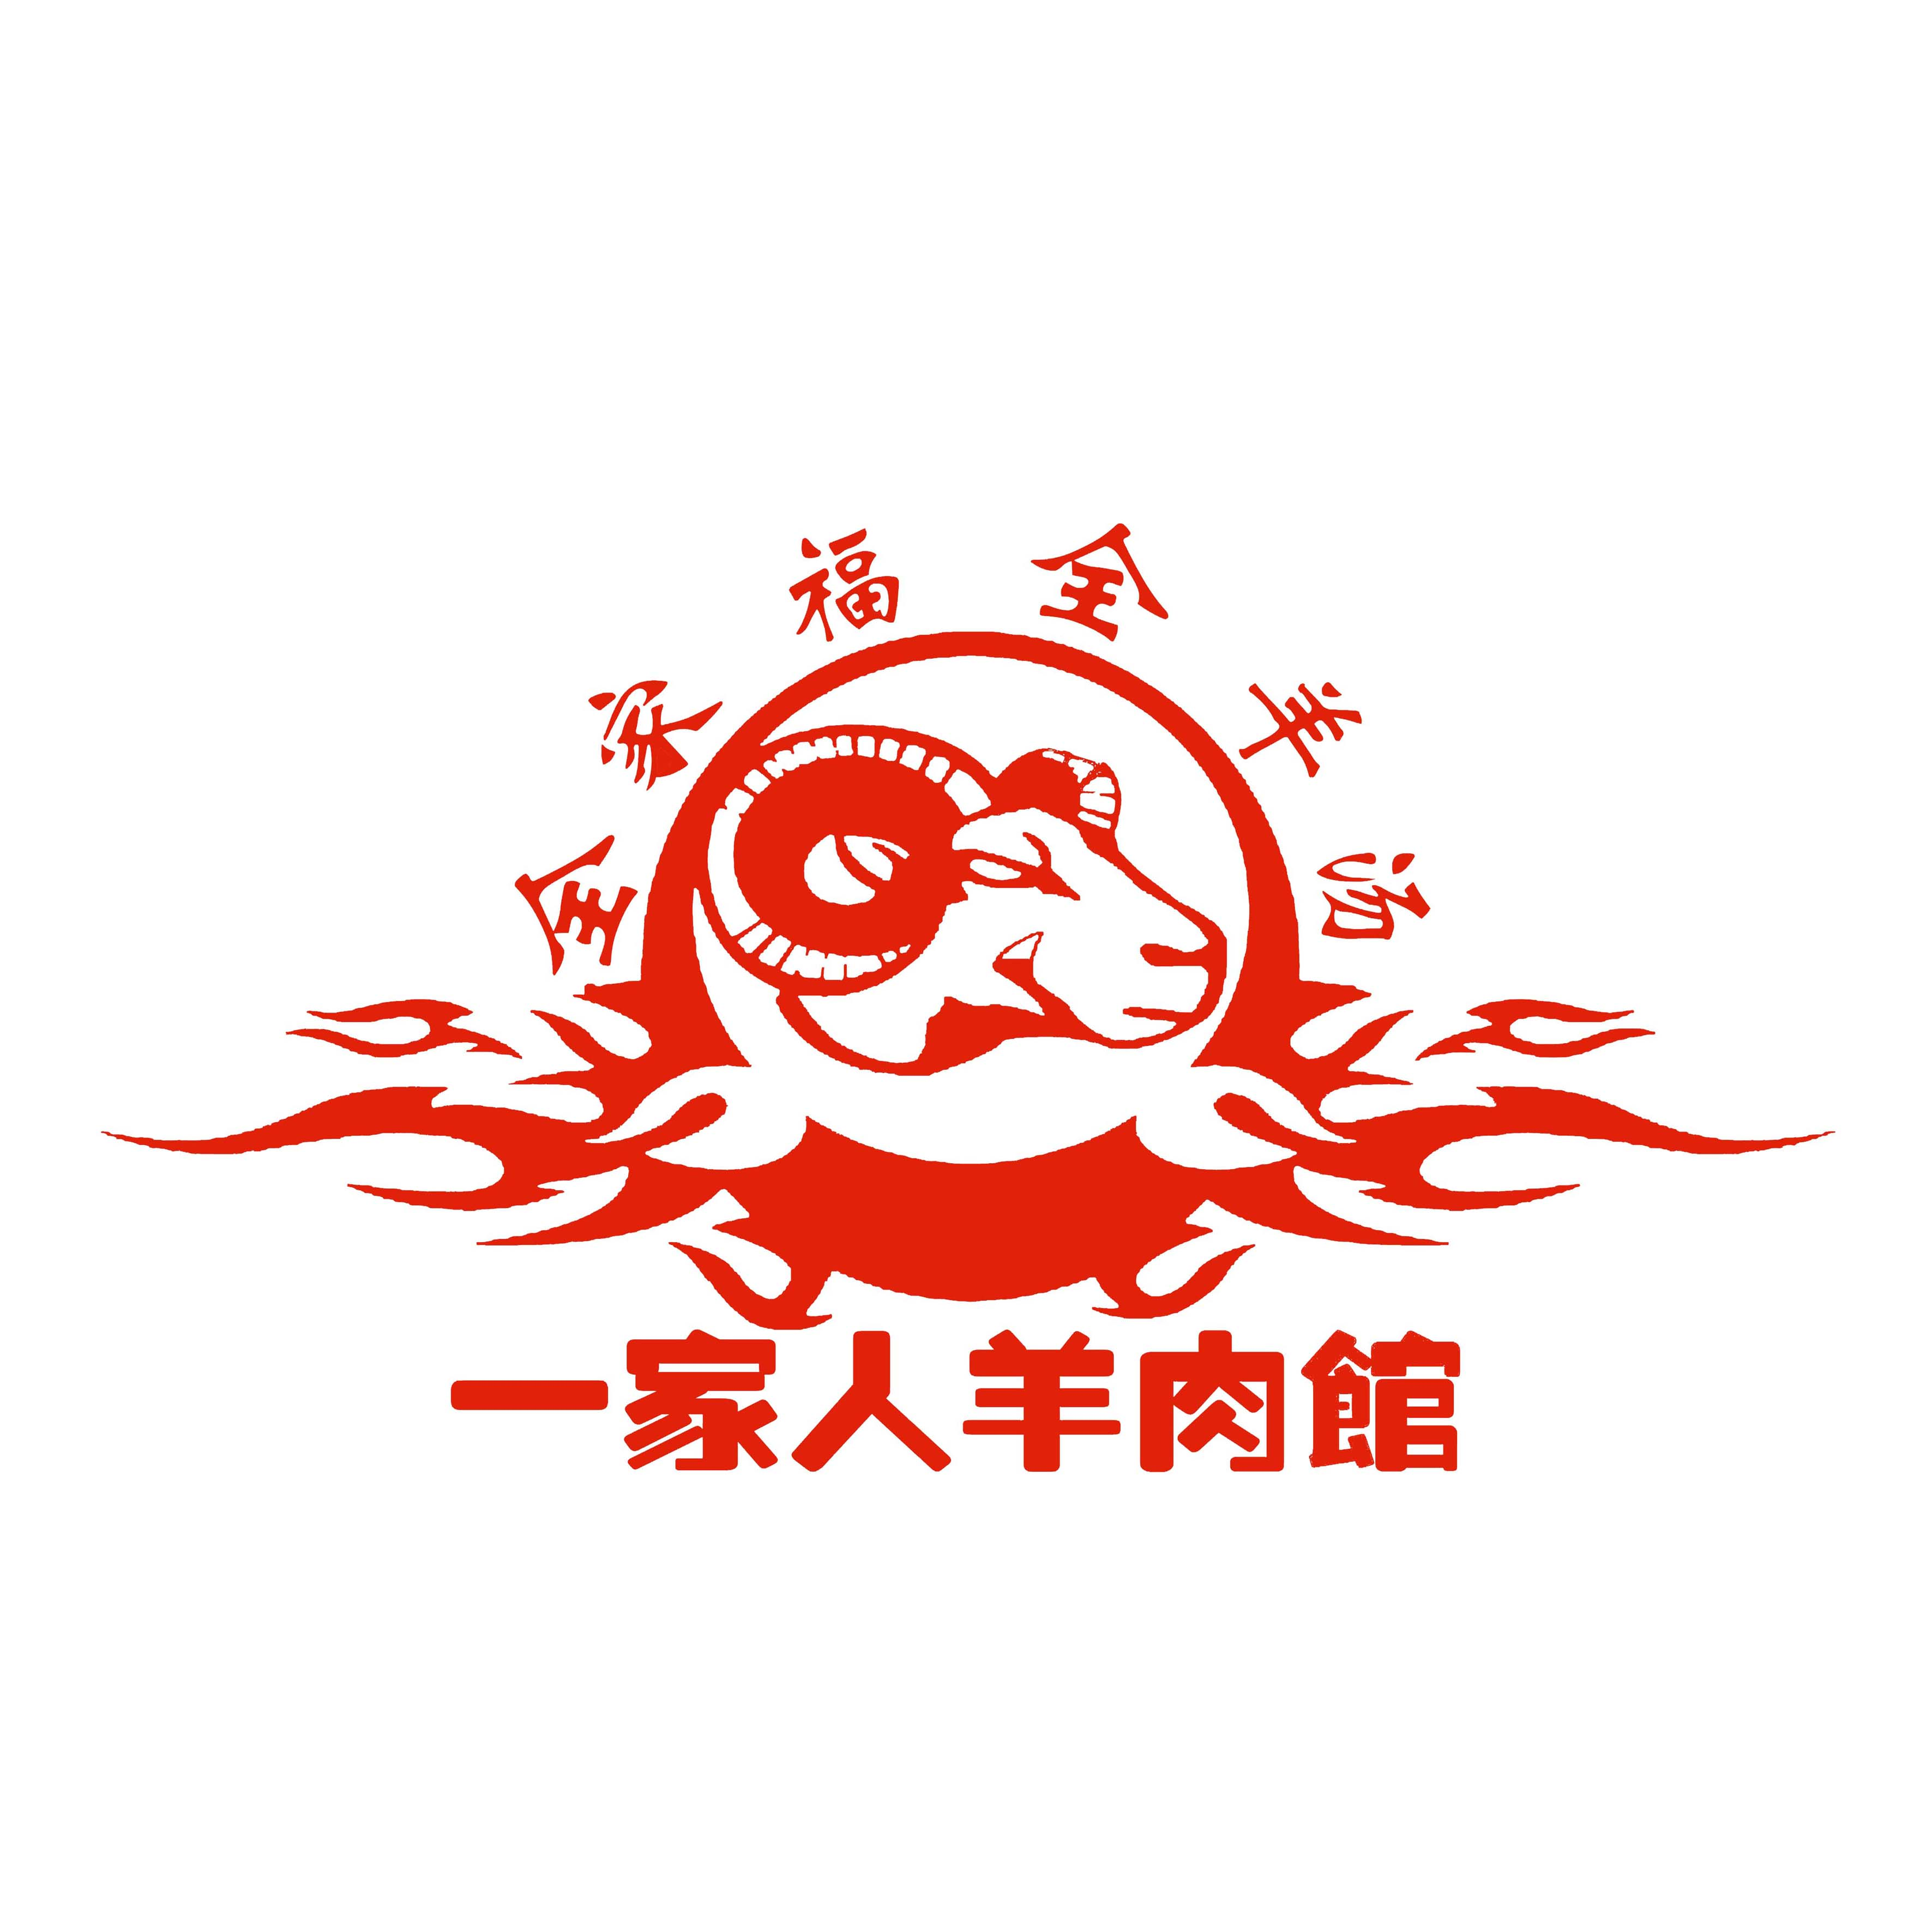 餐饮连锁logo设计说明_创意阁_logo设计_1767280_一品图片